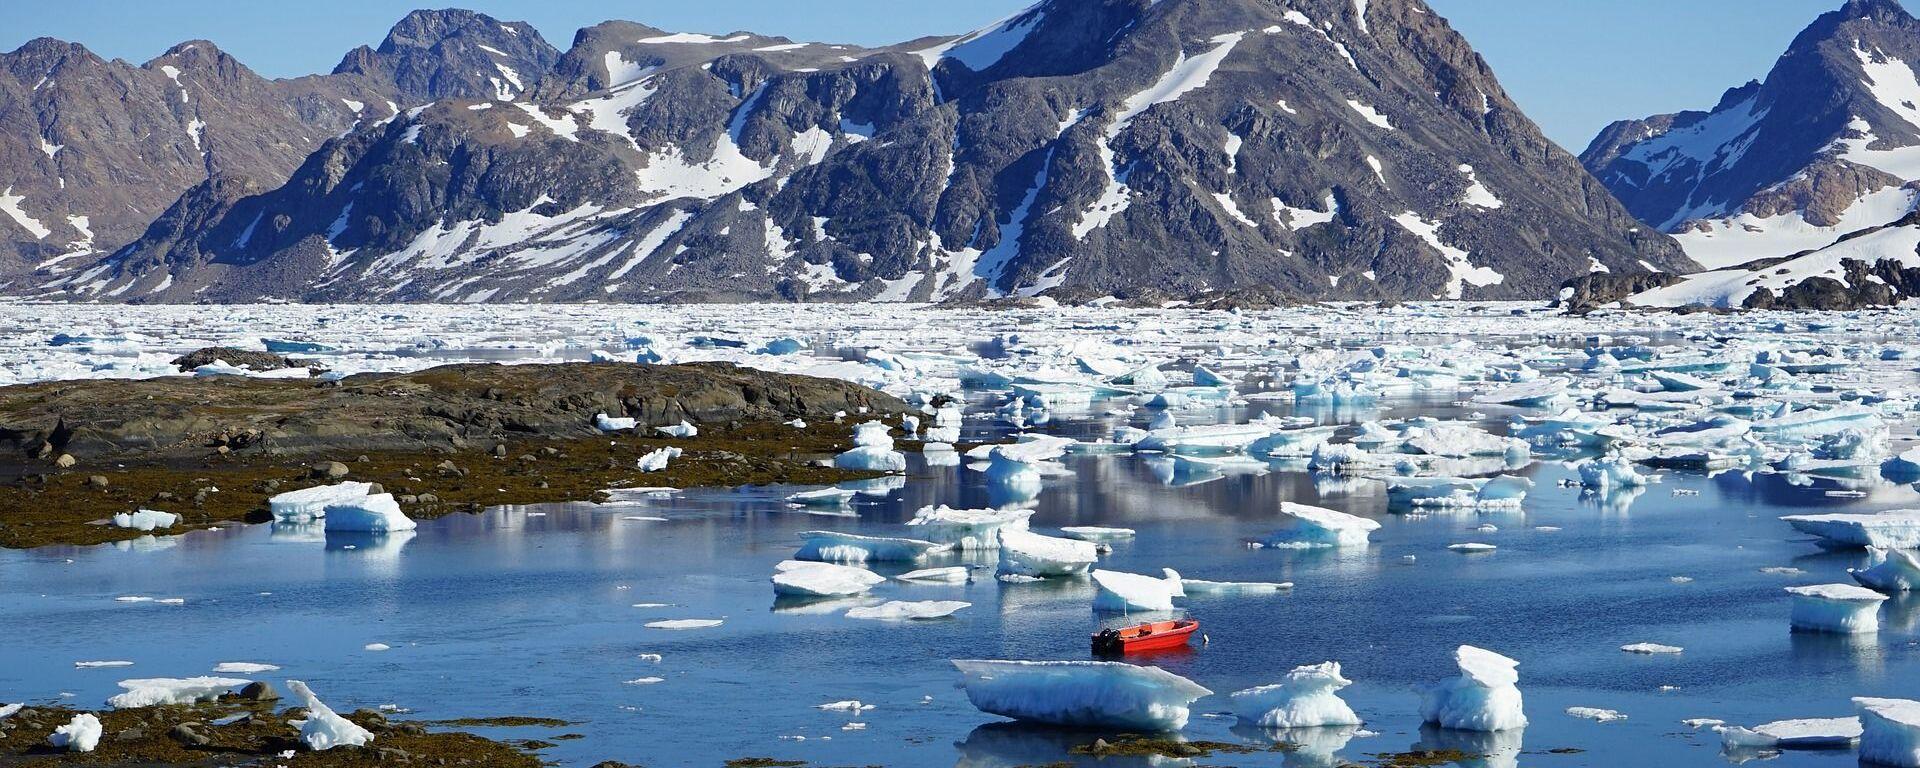 La isla de Groenlandia - Sputnik Mundo, 1920, 28.05.2021